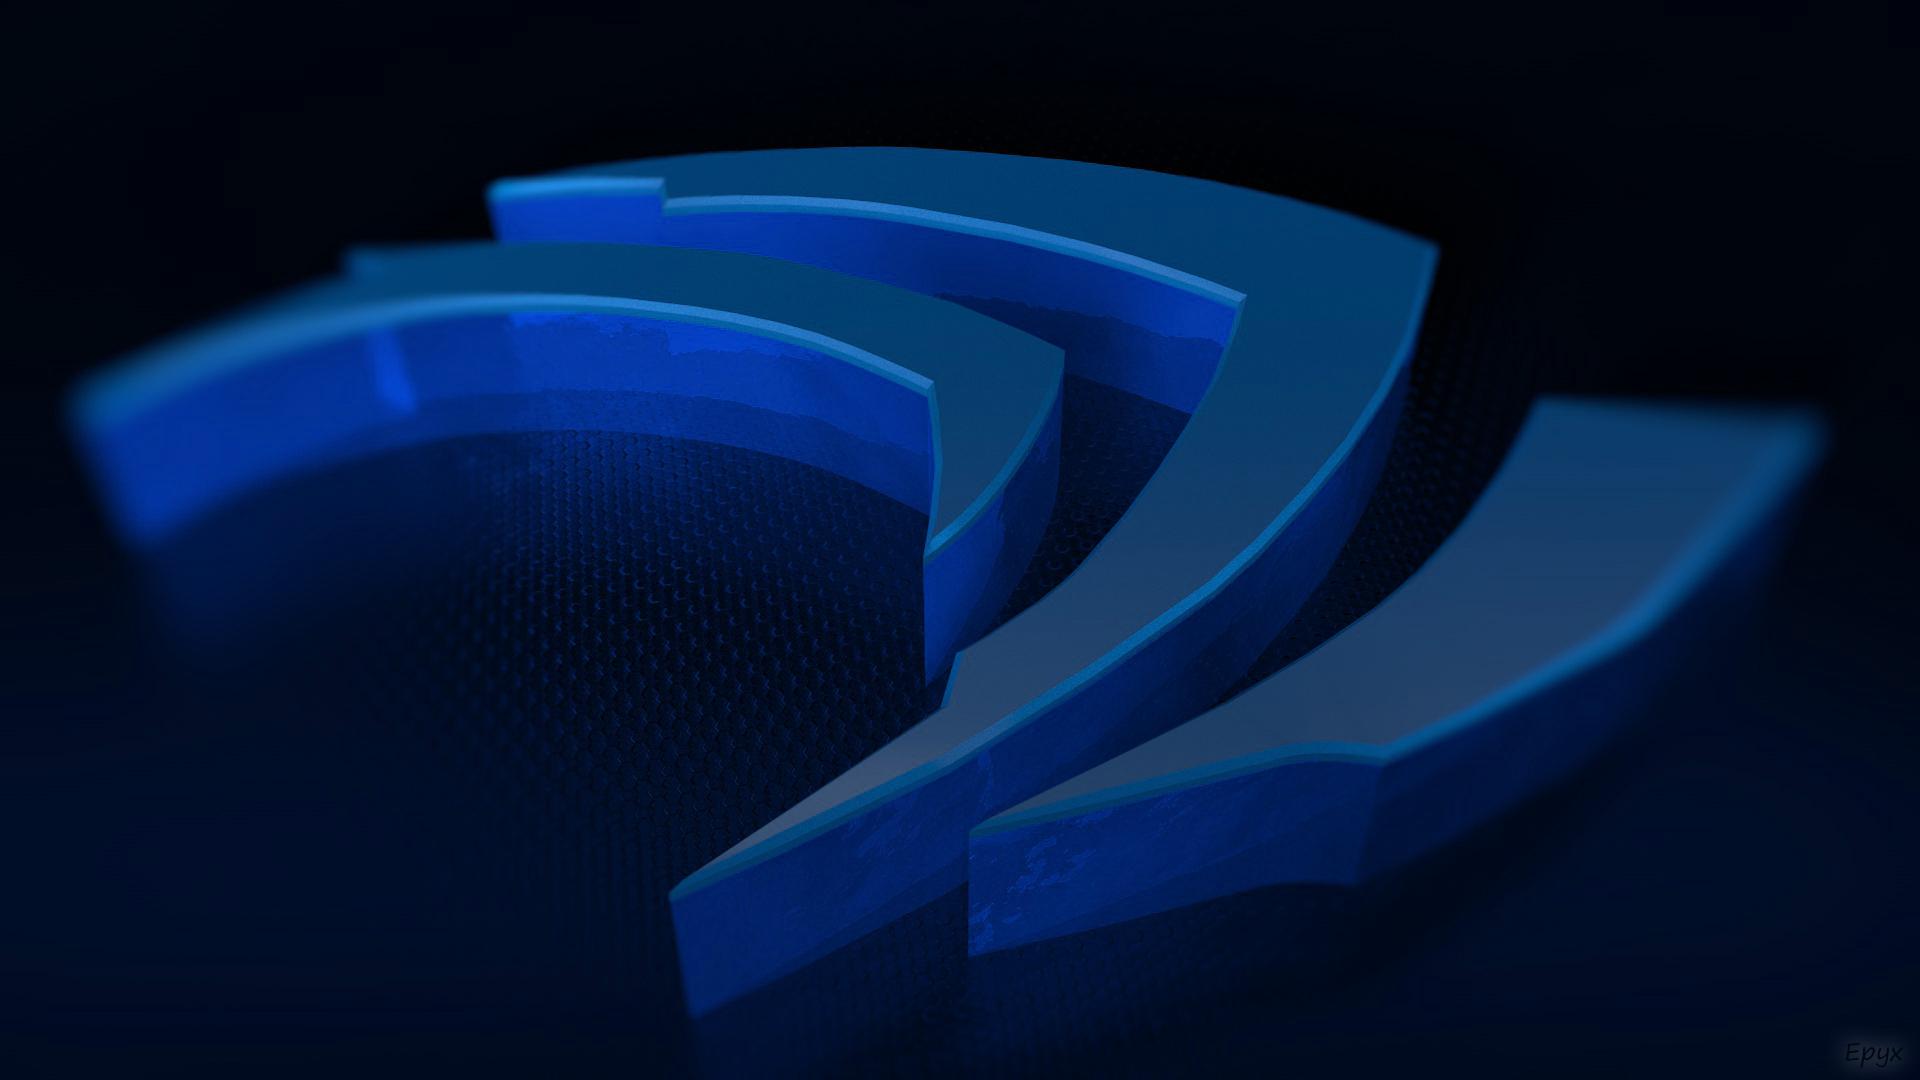 Nvidia Wallpaper 2 by TRSEpyx on DeviantArt